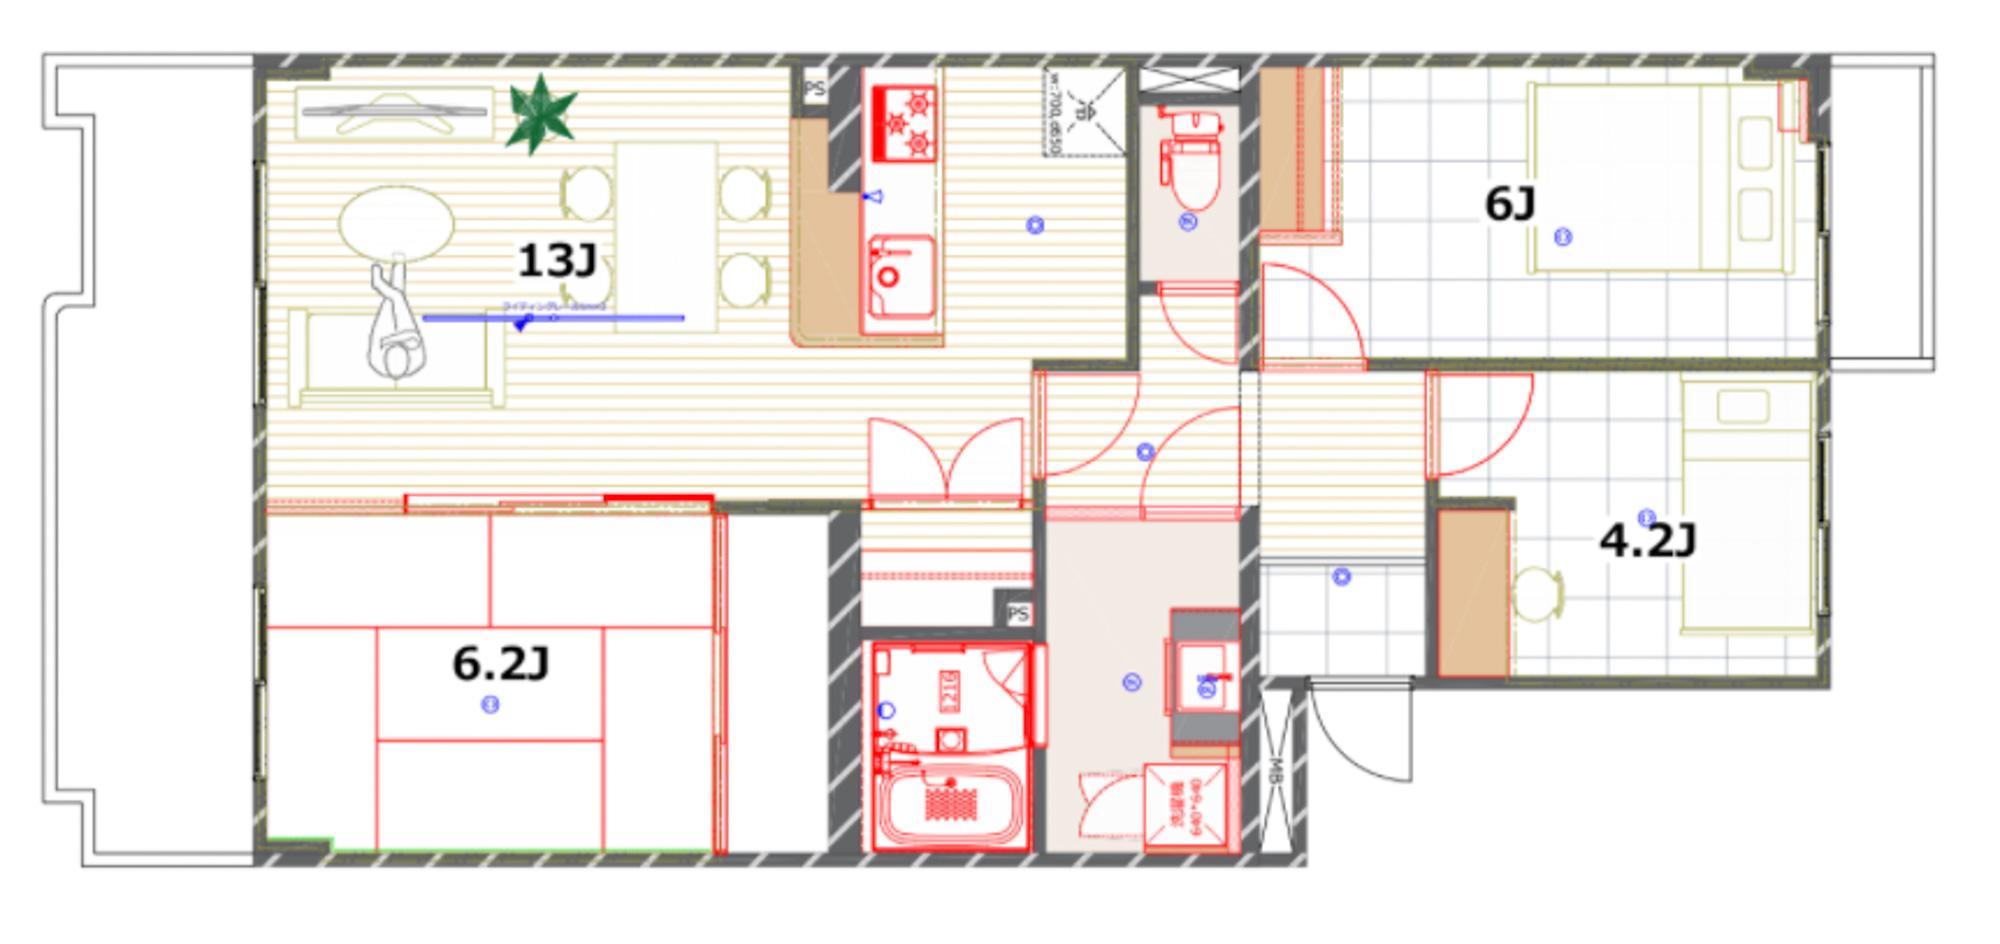 間取りも自分のライフスタイルに合わせてリクエストできるのが今回の「えらべるリノベ」の特徴。こちらのお部屋は、フレキシブルに使える和室を設けています。